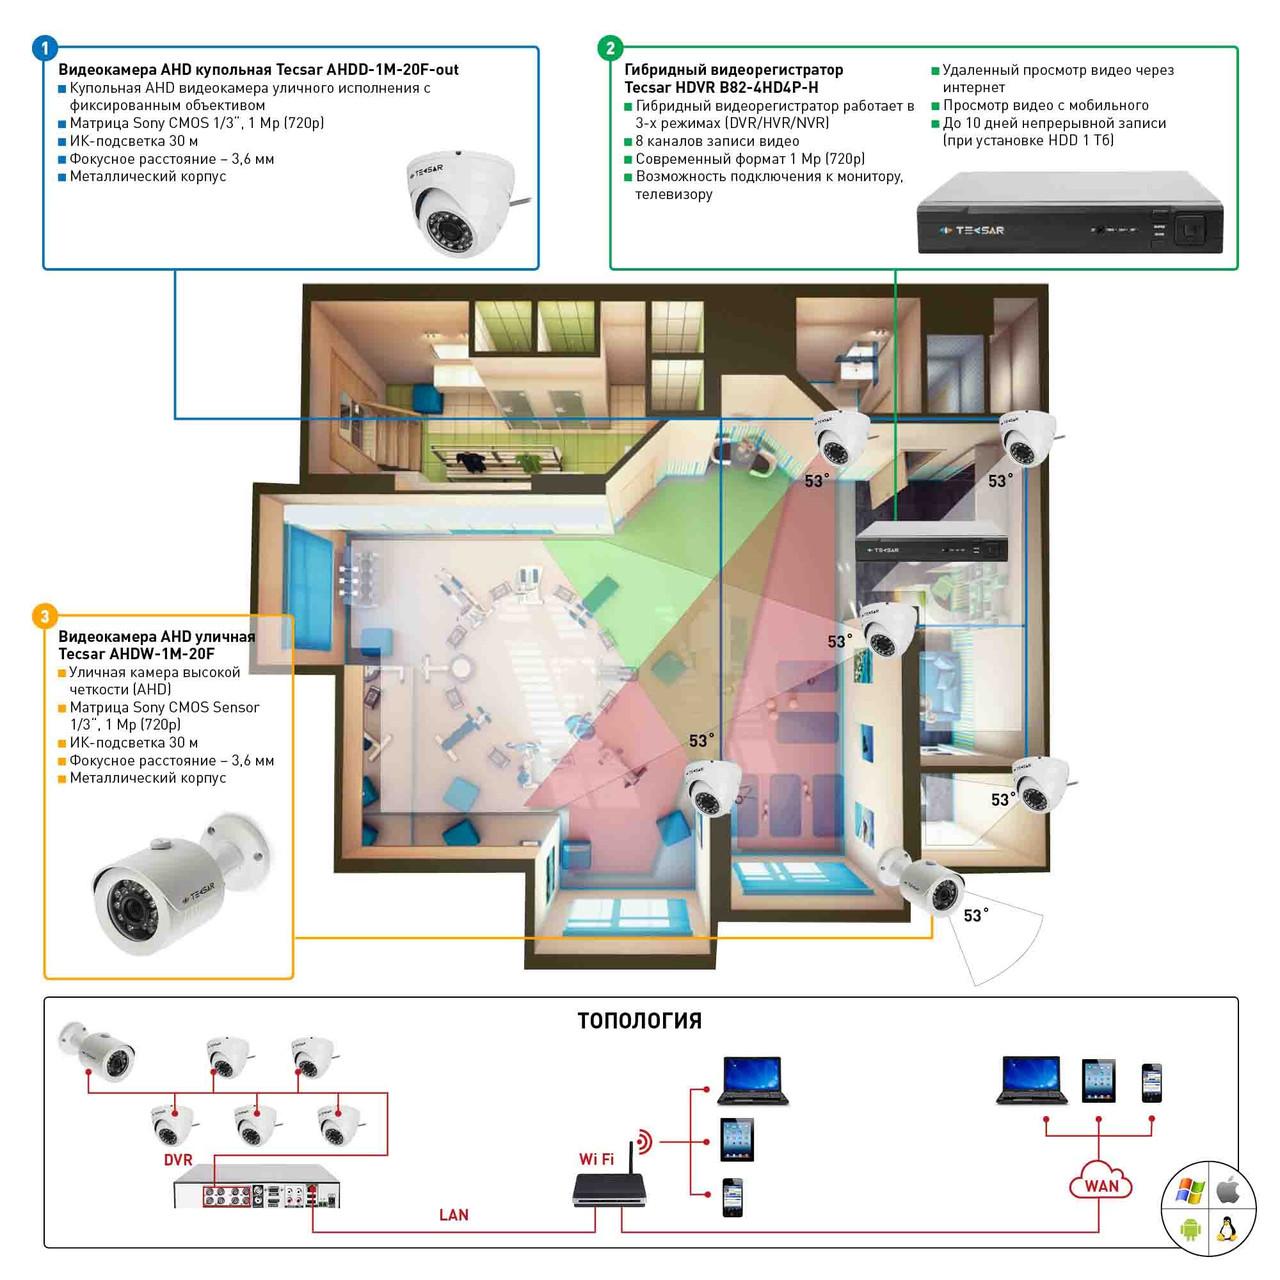 Видеонаблюдение AHD 1Мп 6 камер для соц. инфраструктуры - Видеонаблюдение для объекта социальной инфраструктур